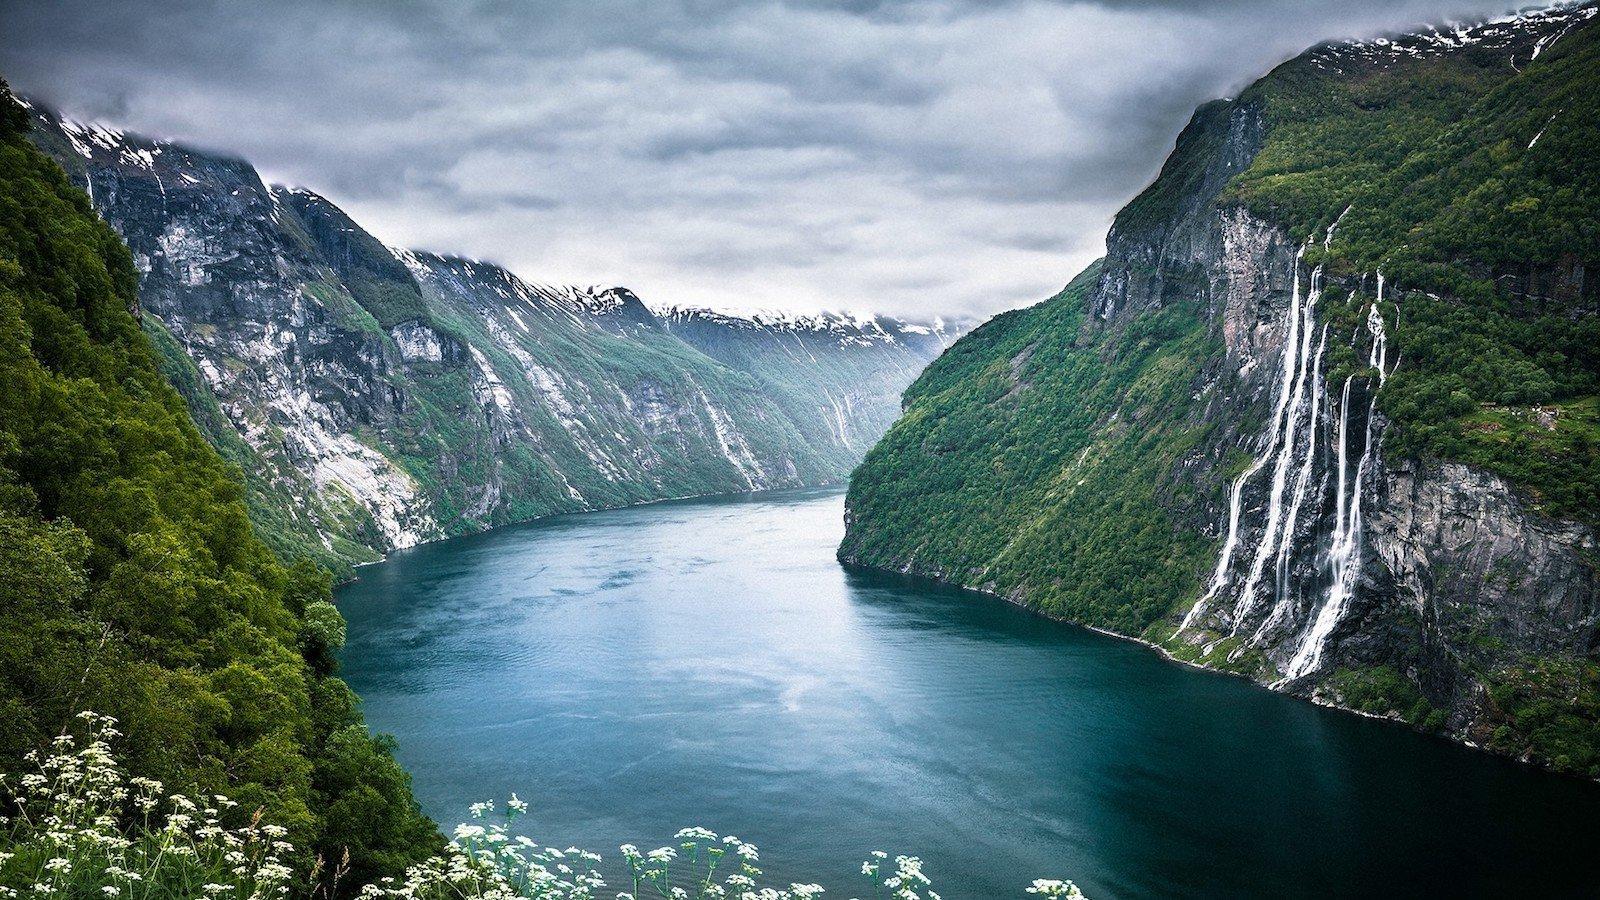 Гейрангер-фьорд, Норвегия красивые места, мир, природа, путешествия, сказка